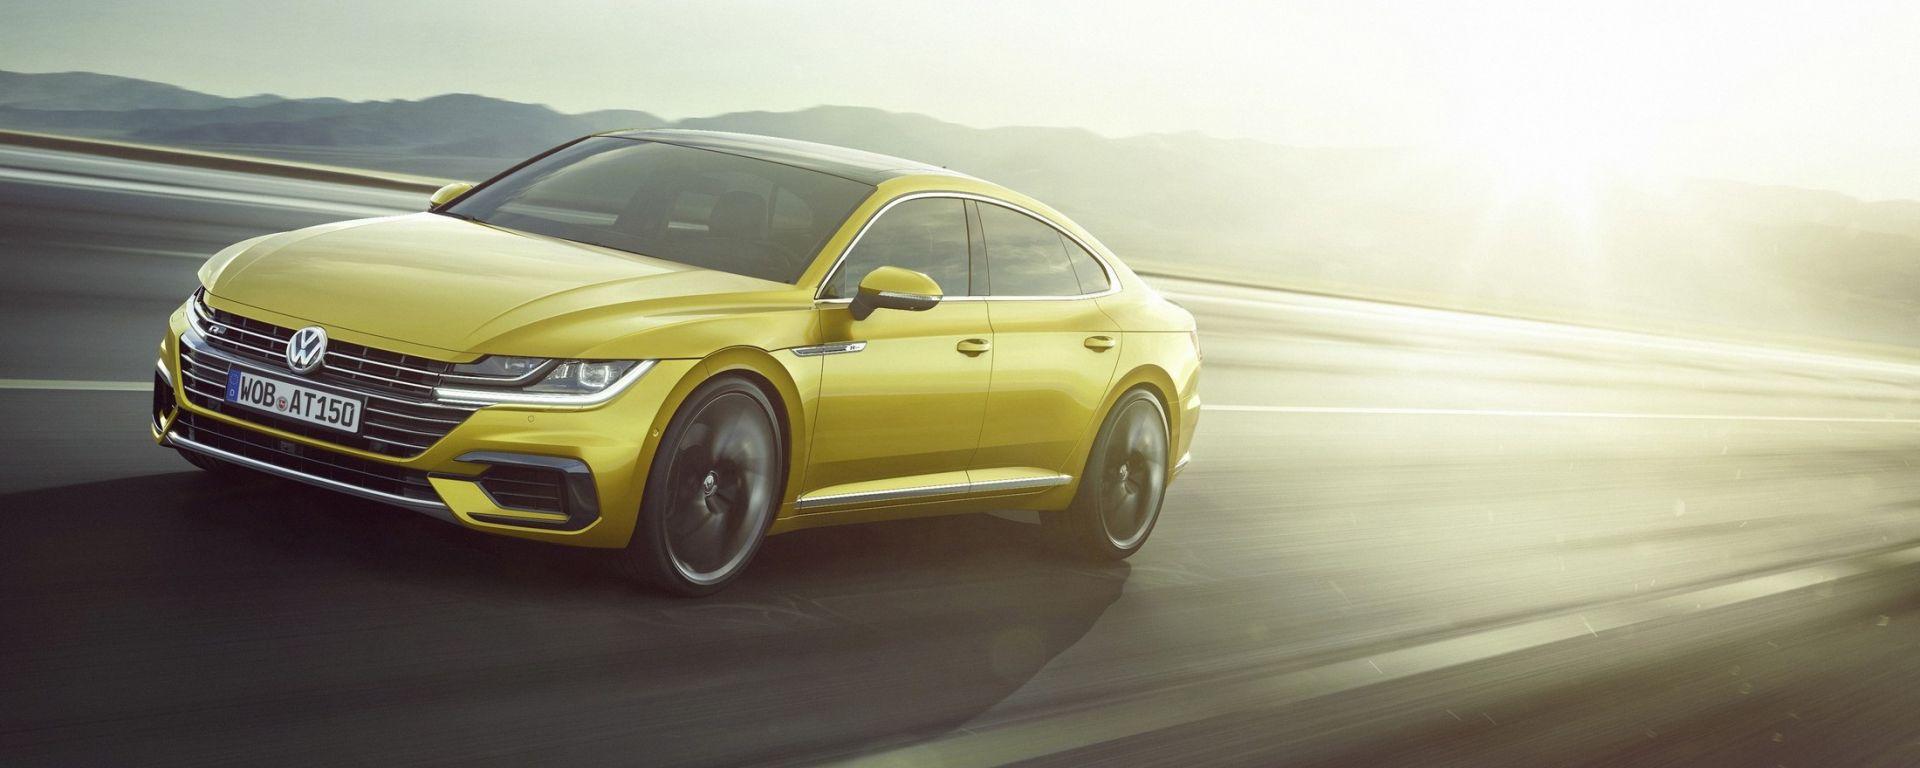 Volkswagen Arteon: confermata la versione Shooting Brake